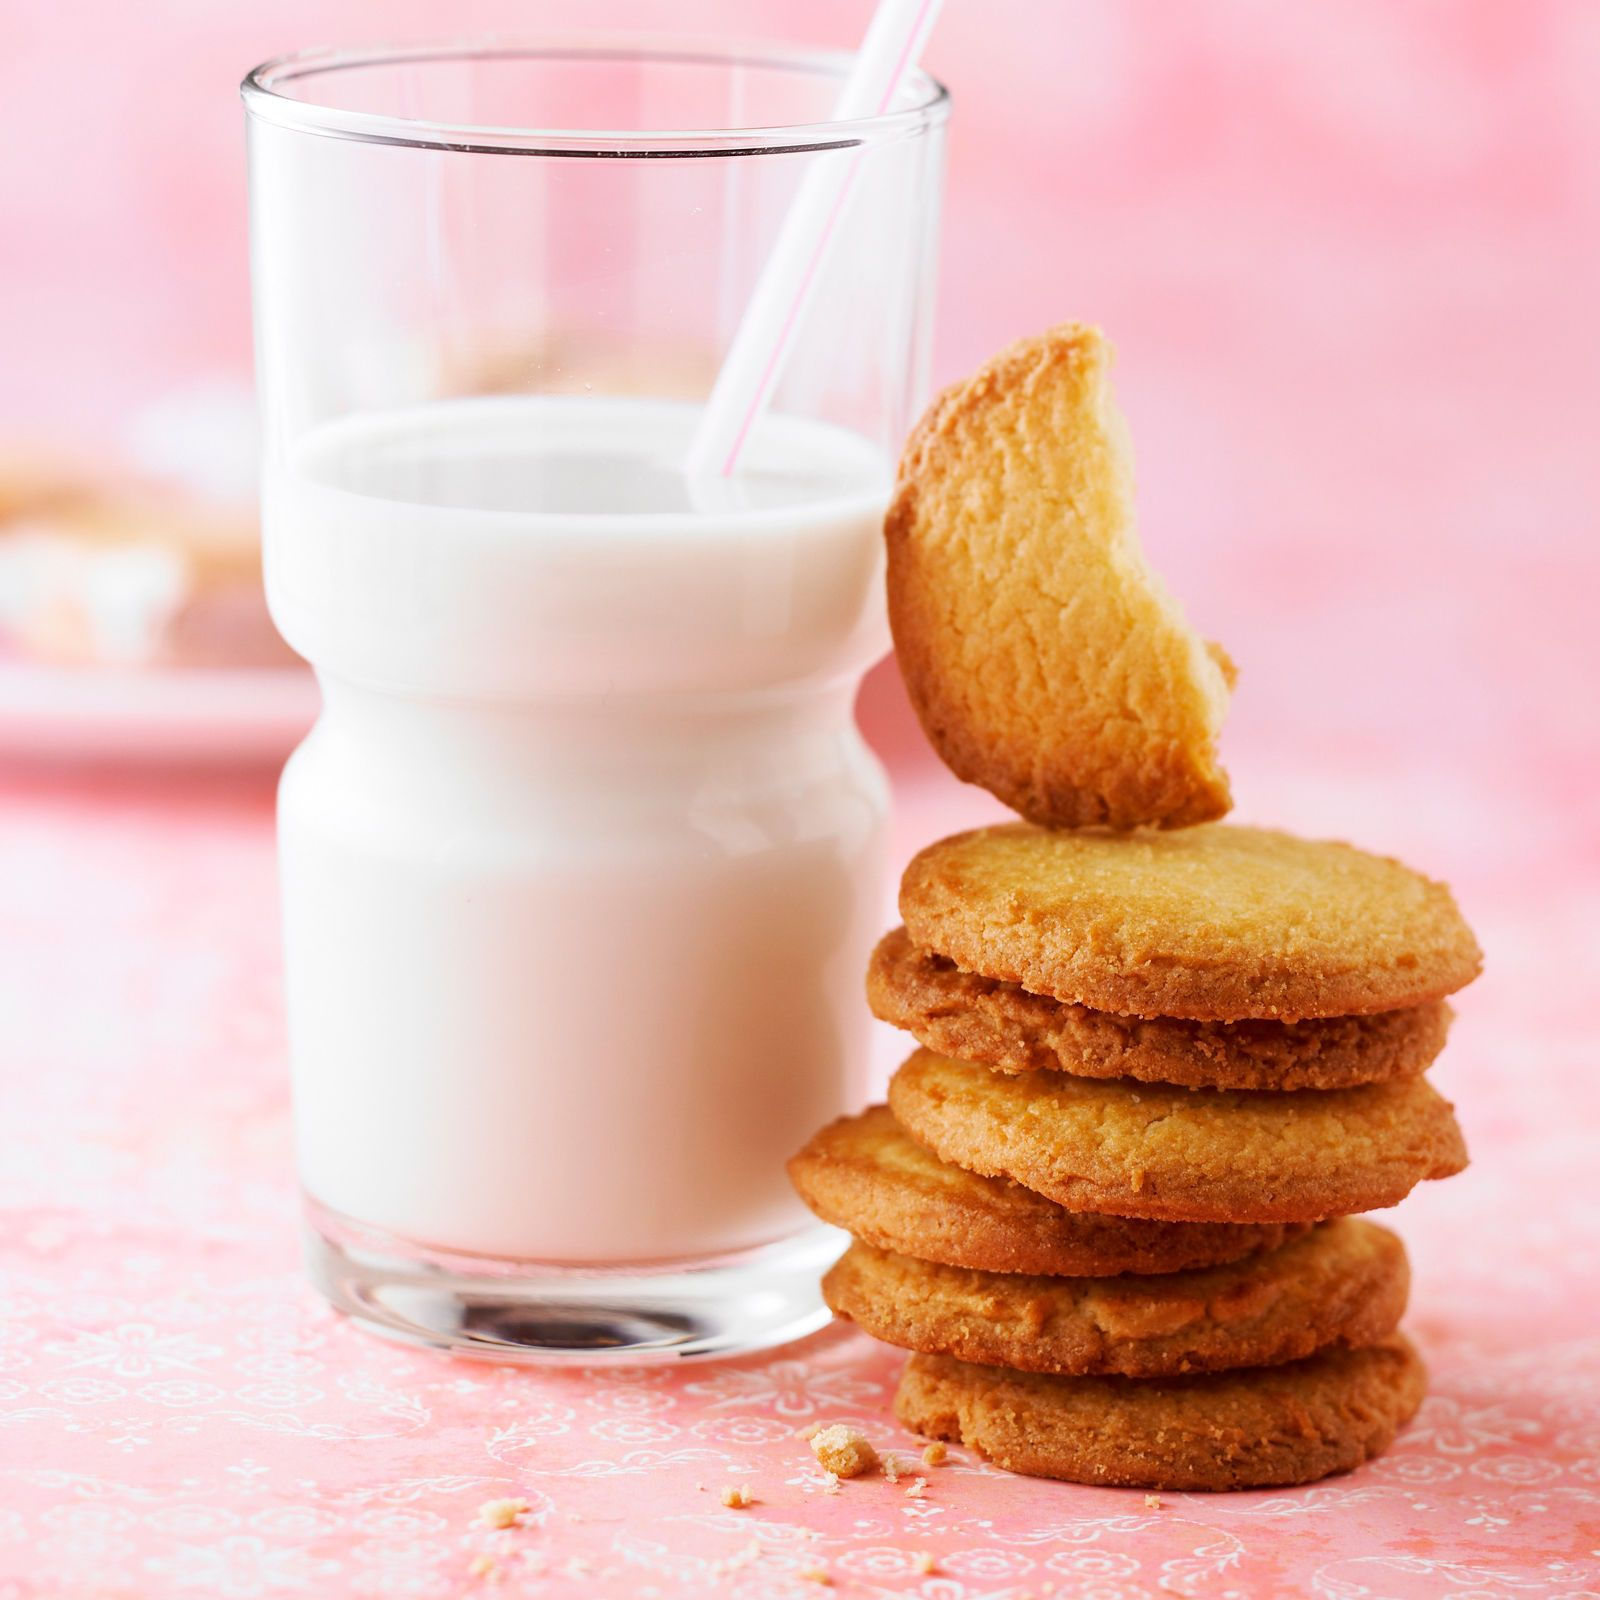 Recette De Sablés Escargots La Recette Facile: Biscuit Sablé Au Beurre